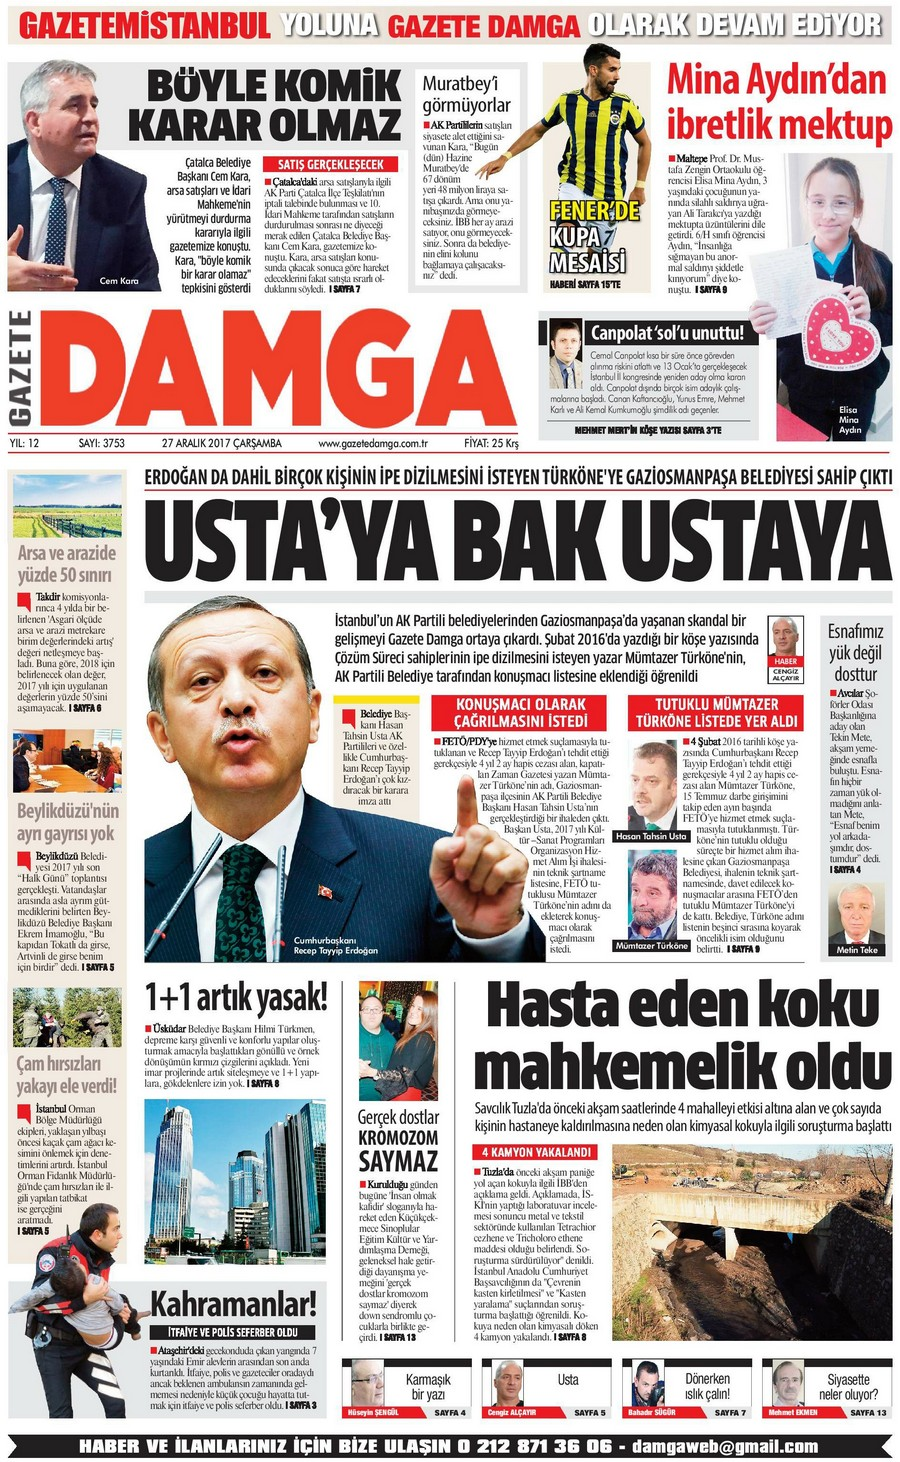 Gazete Damga - 27.12.2017 Manşeti